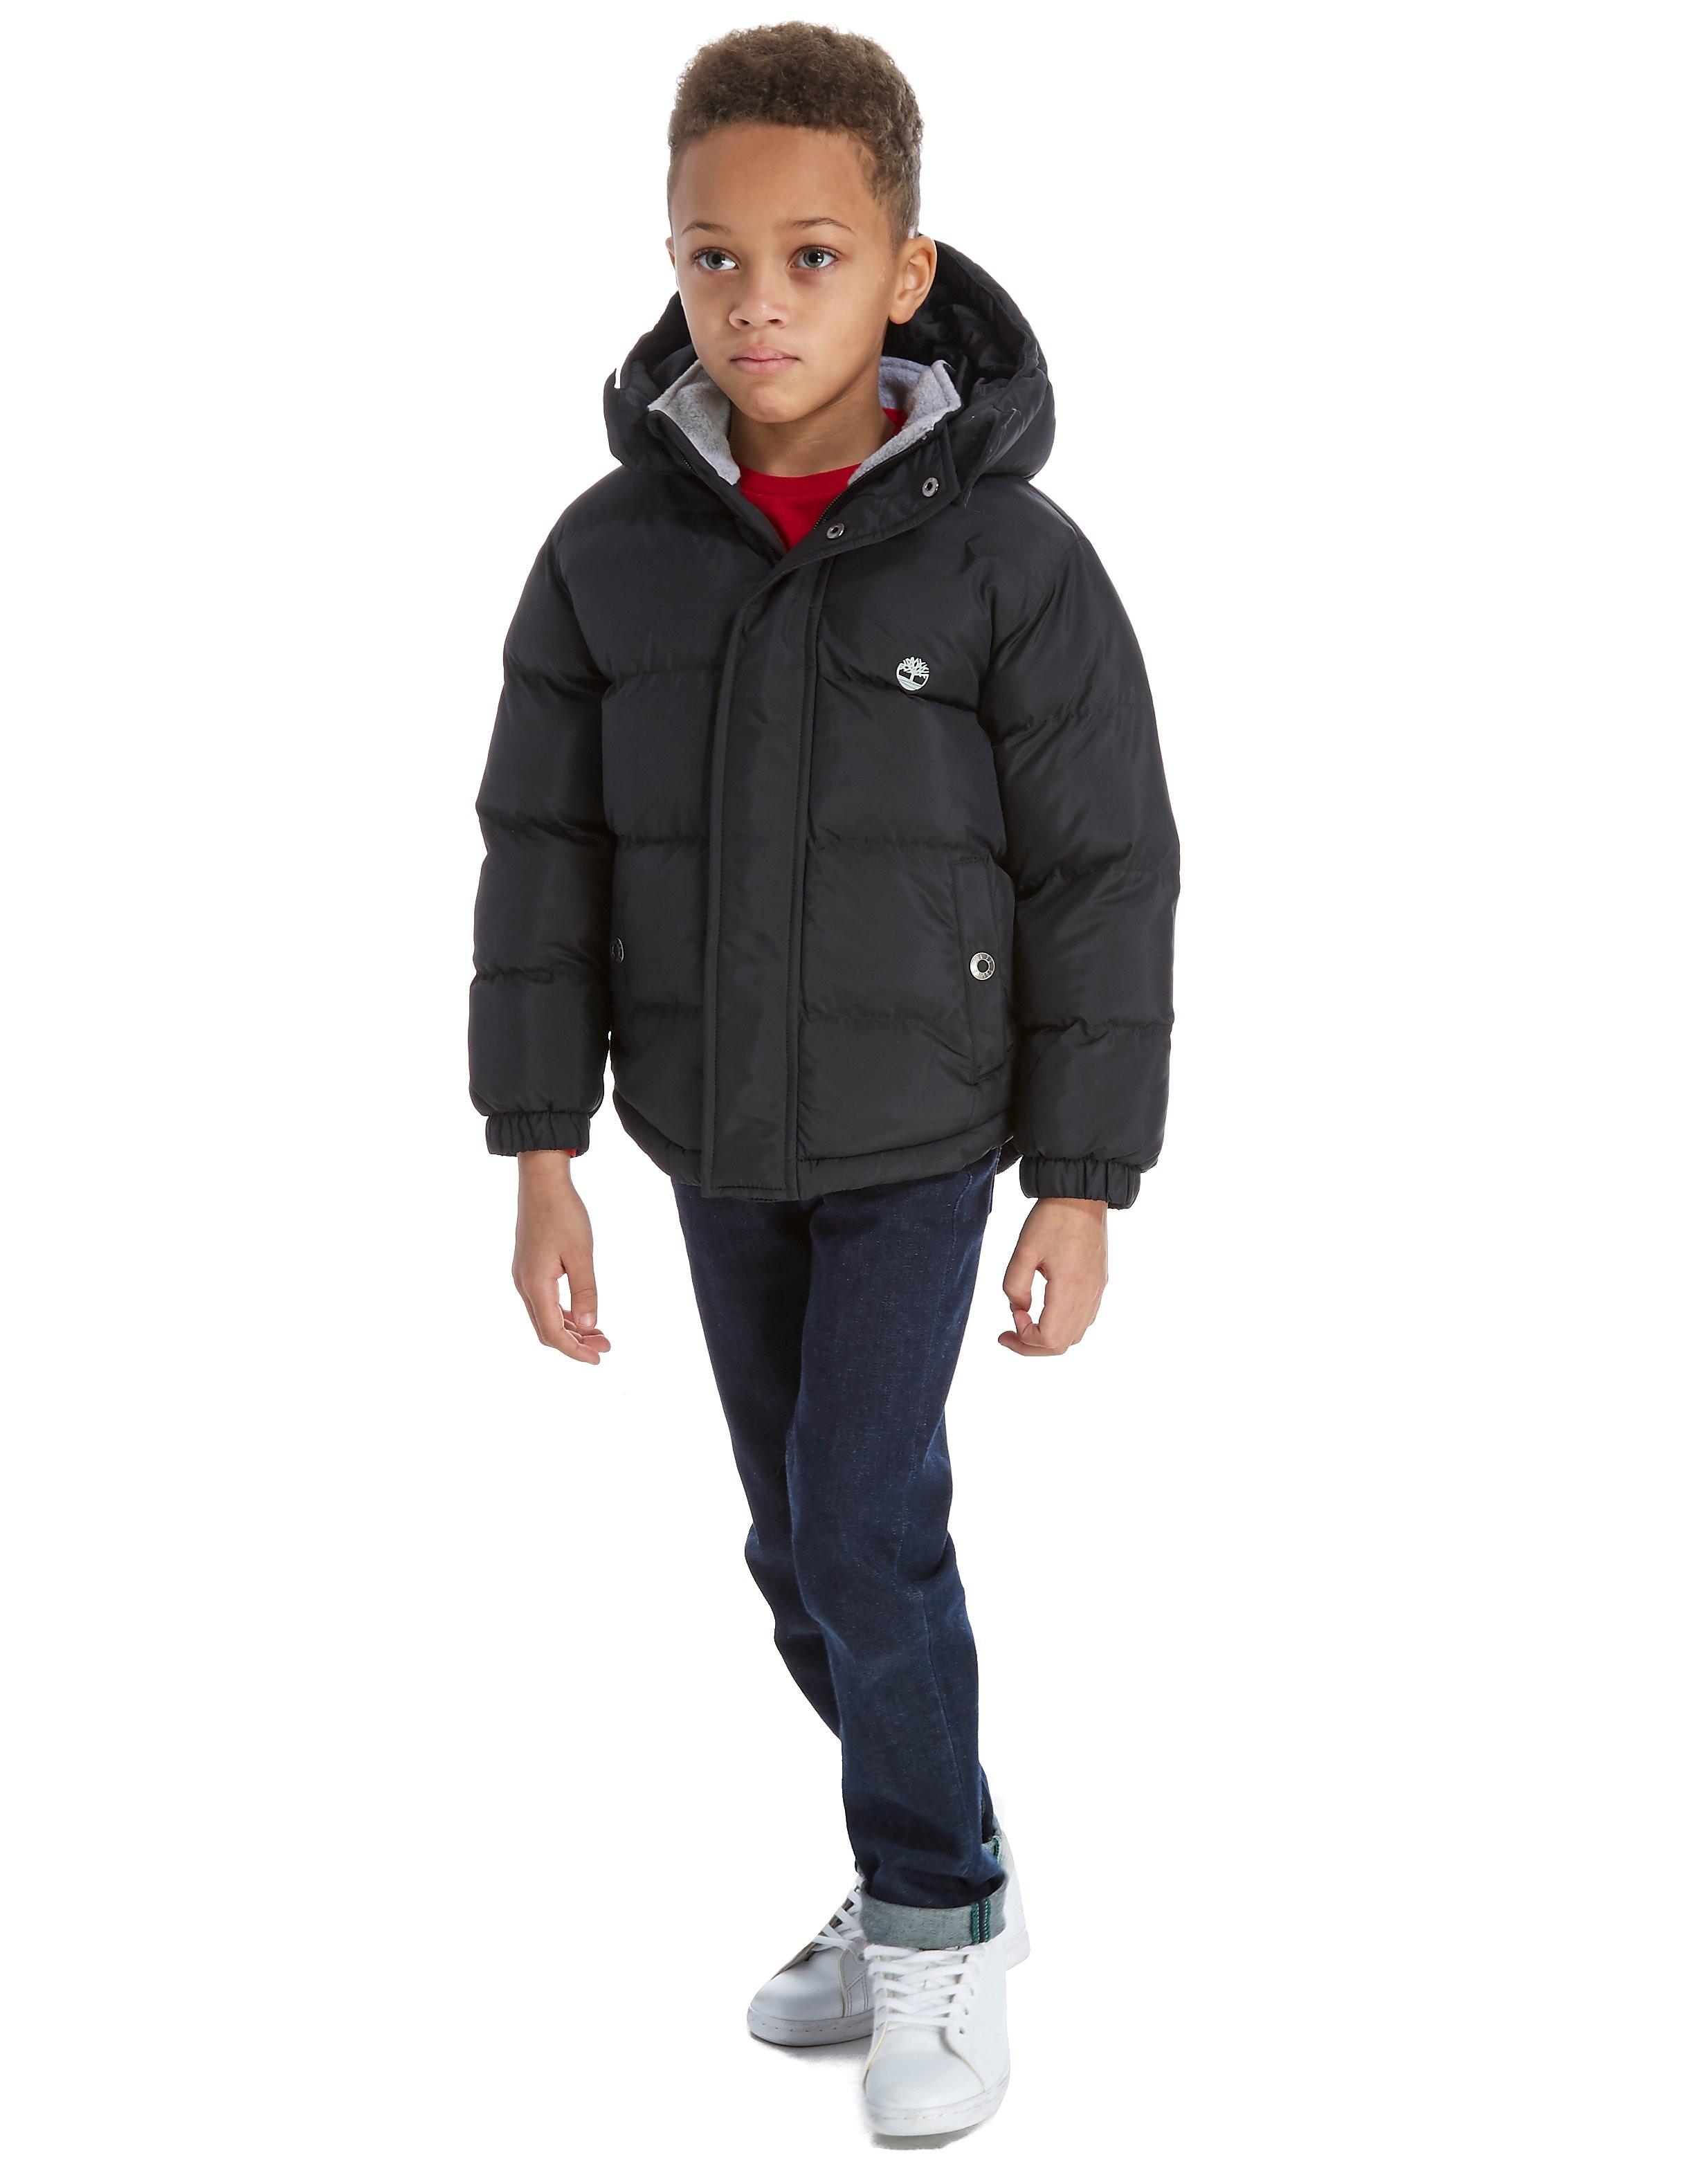 Timberland Padded Jacket